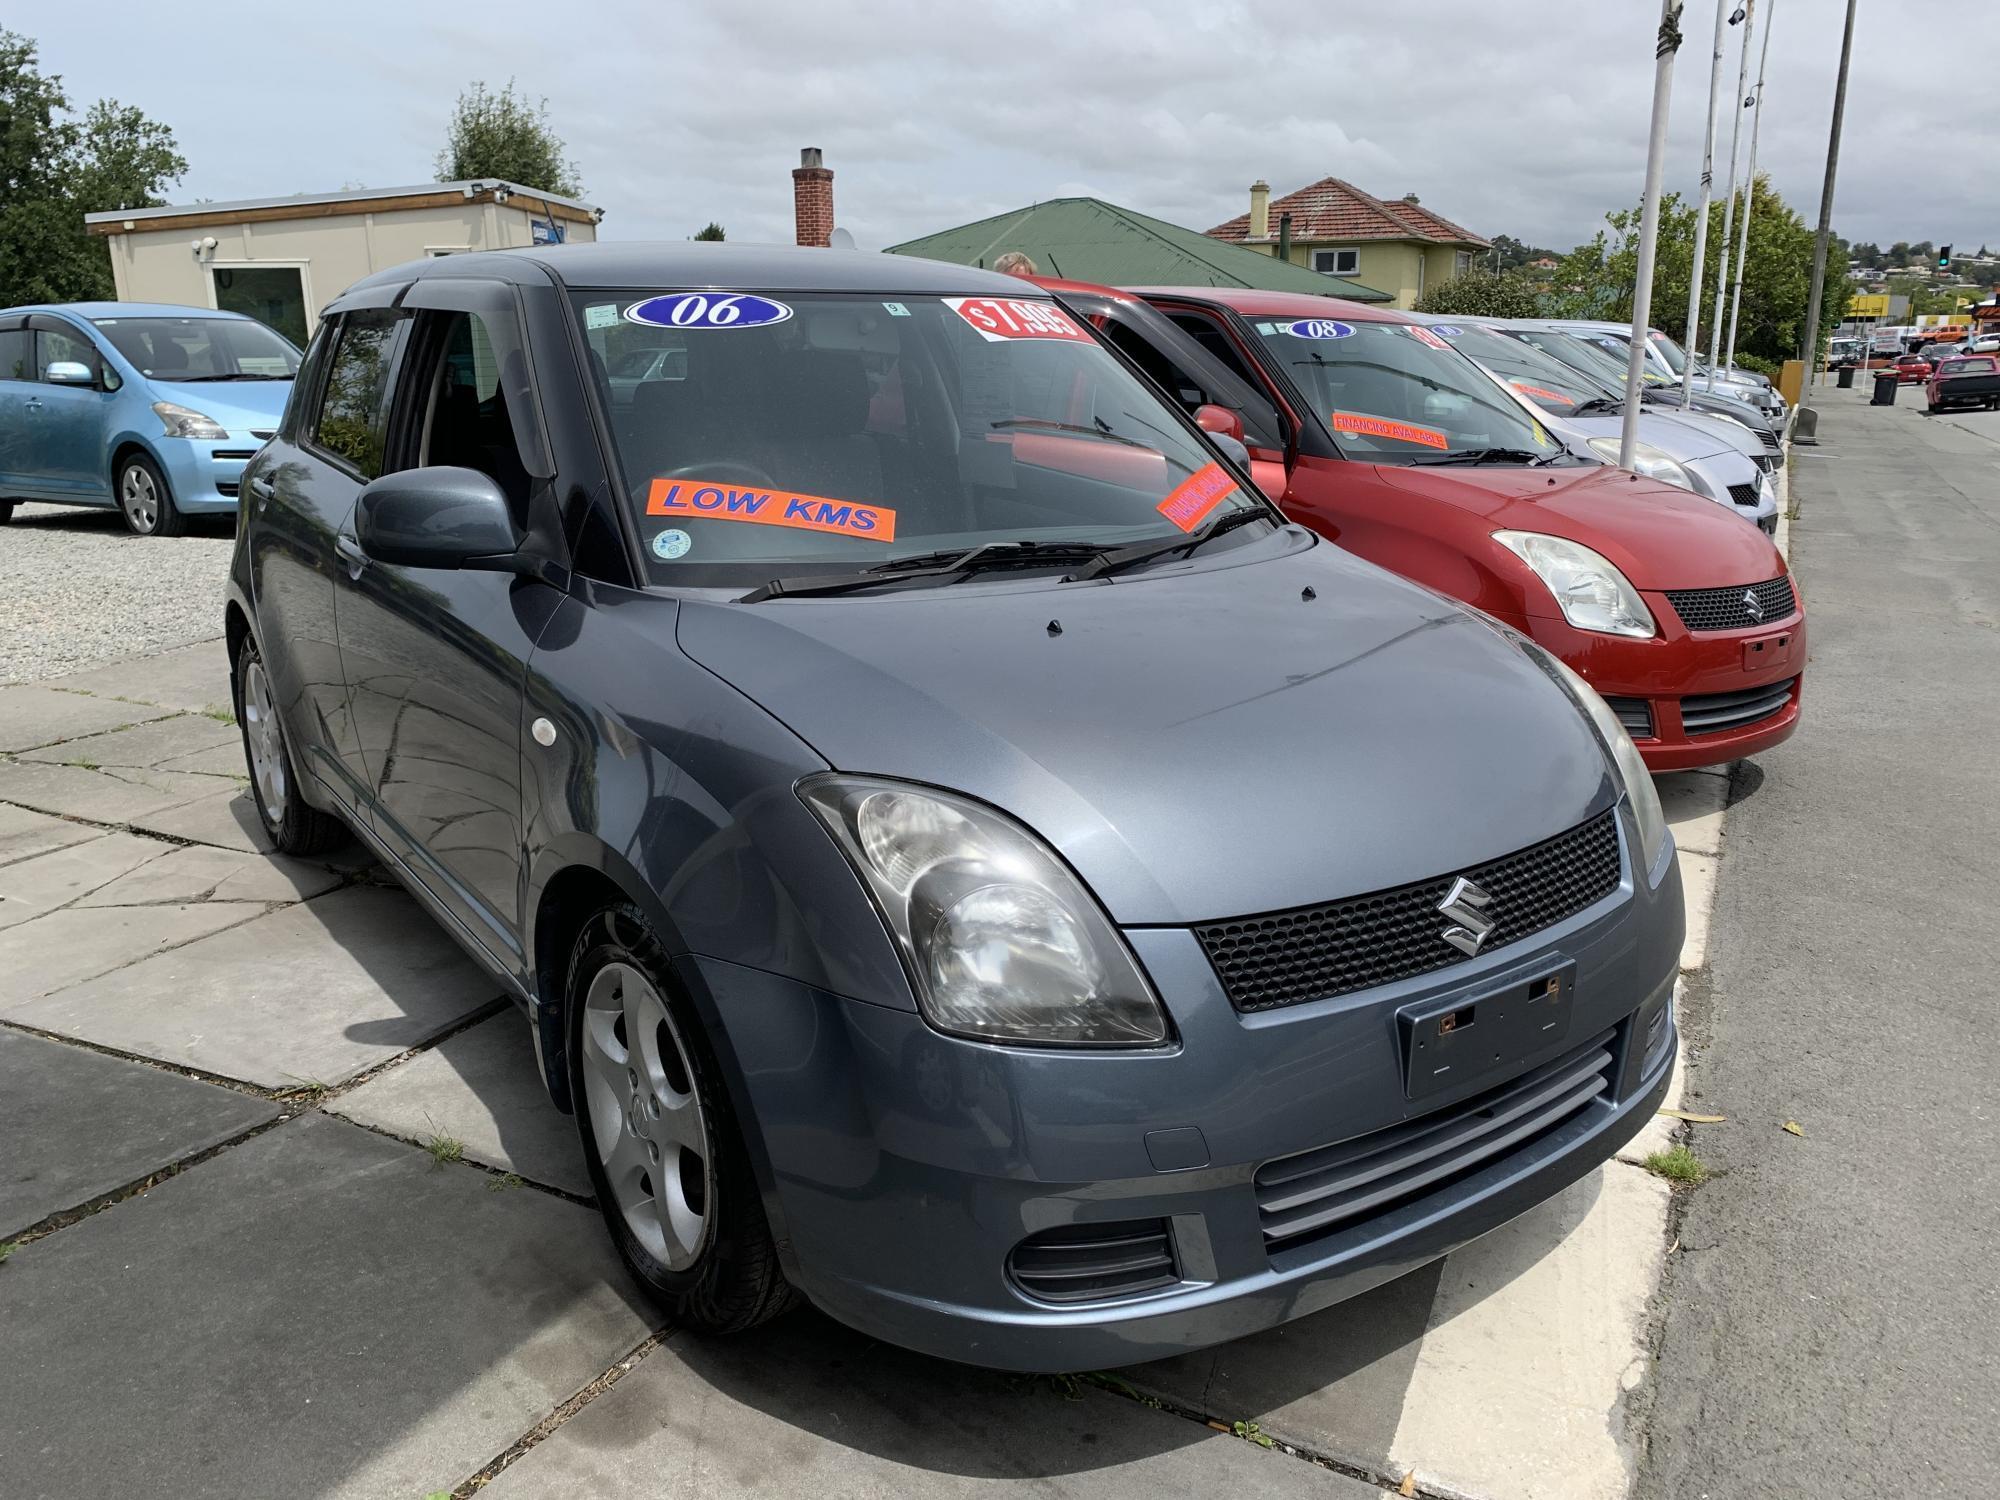 image-0, '06 Suzuki Swift at Timaru